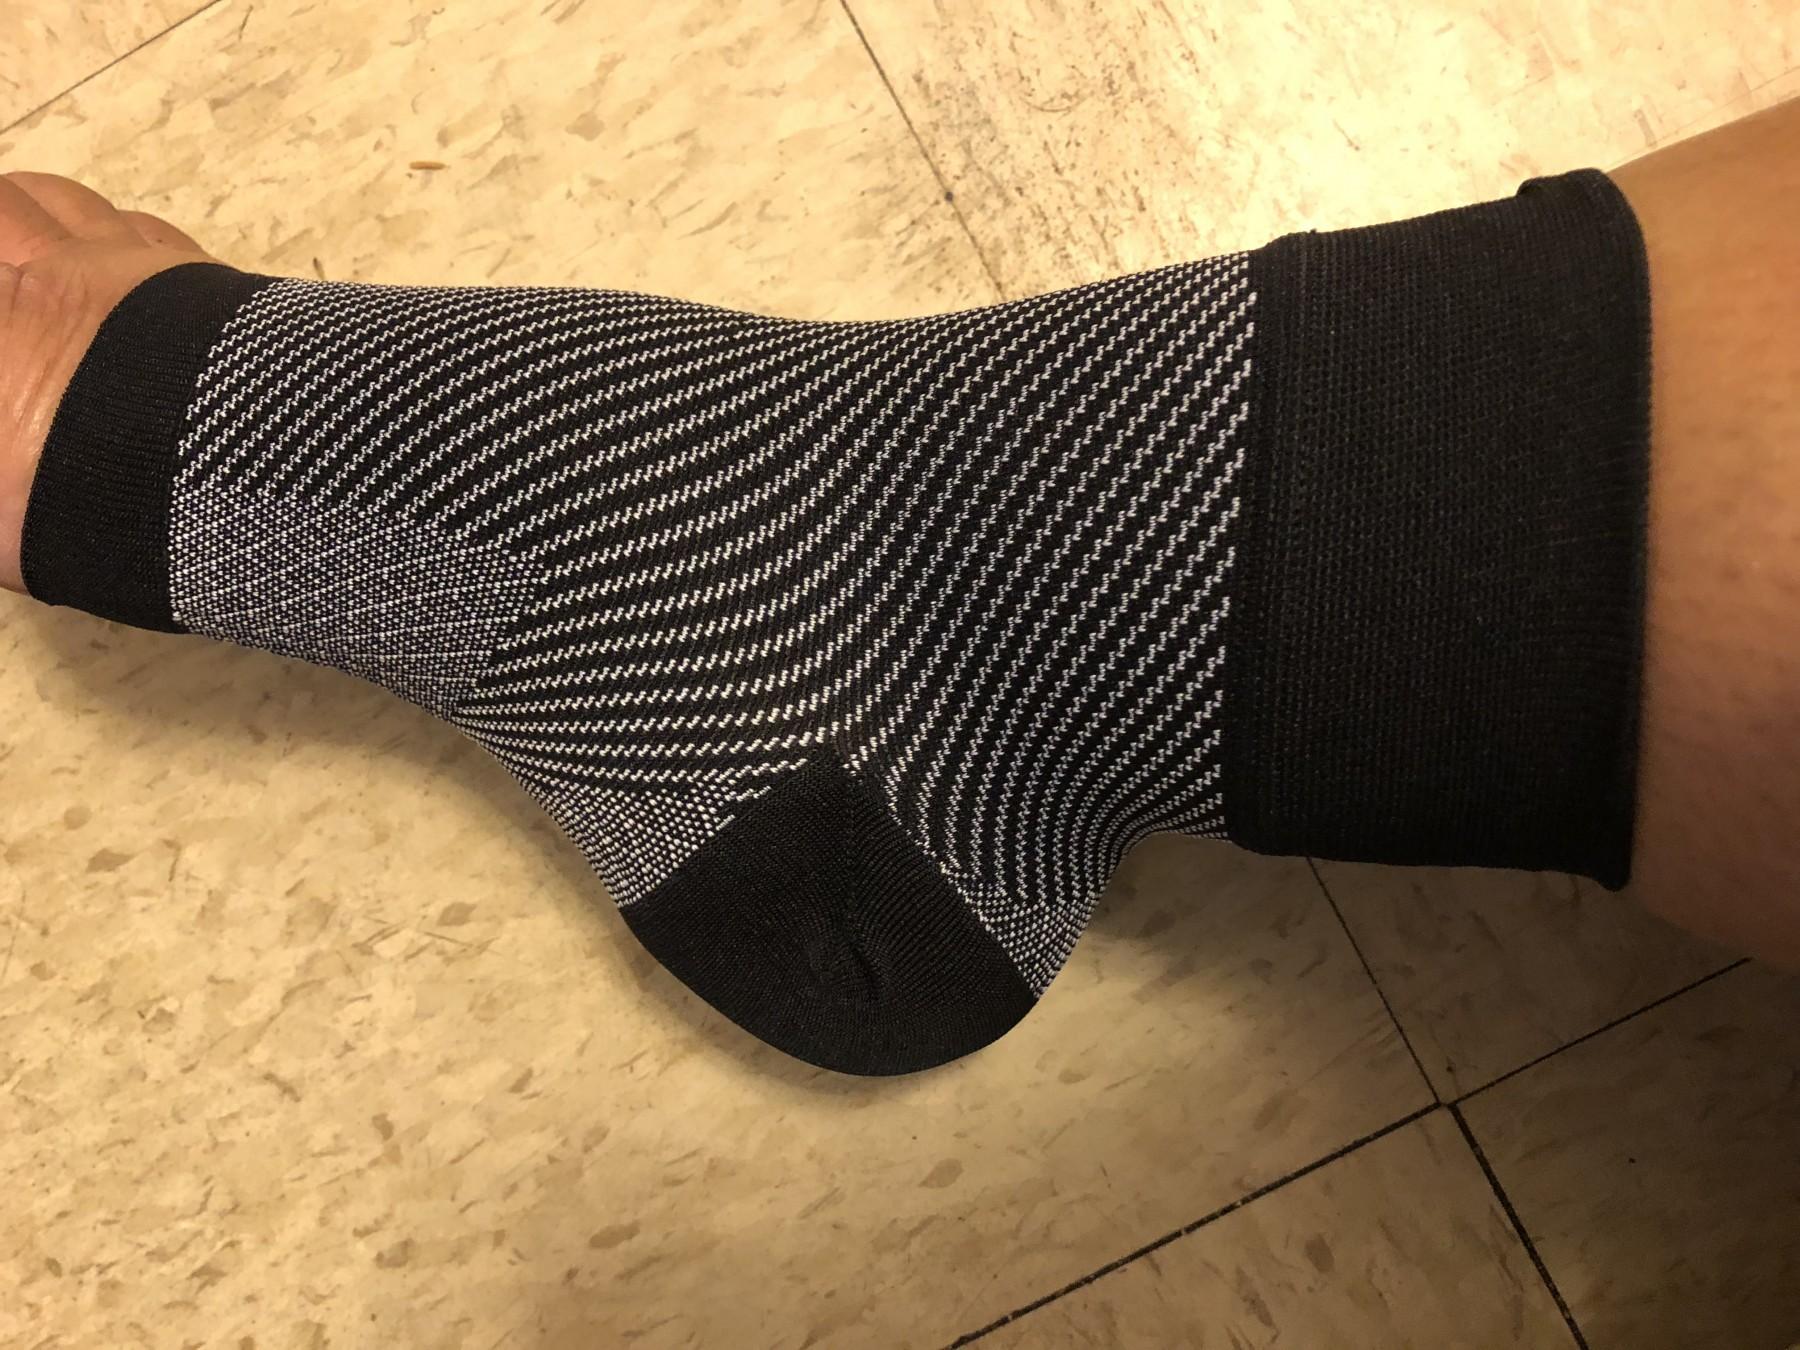 Bellamy I Plantar Fasciitis Socks for Men & Women